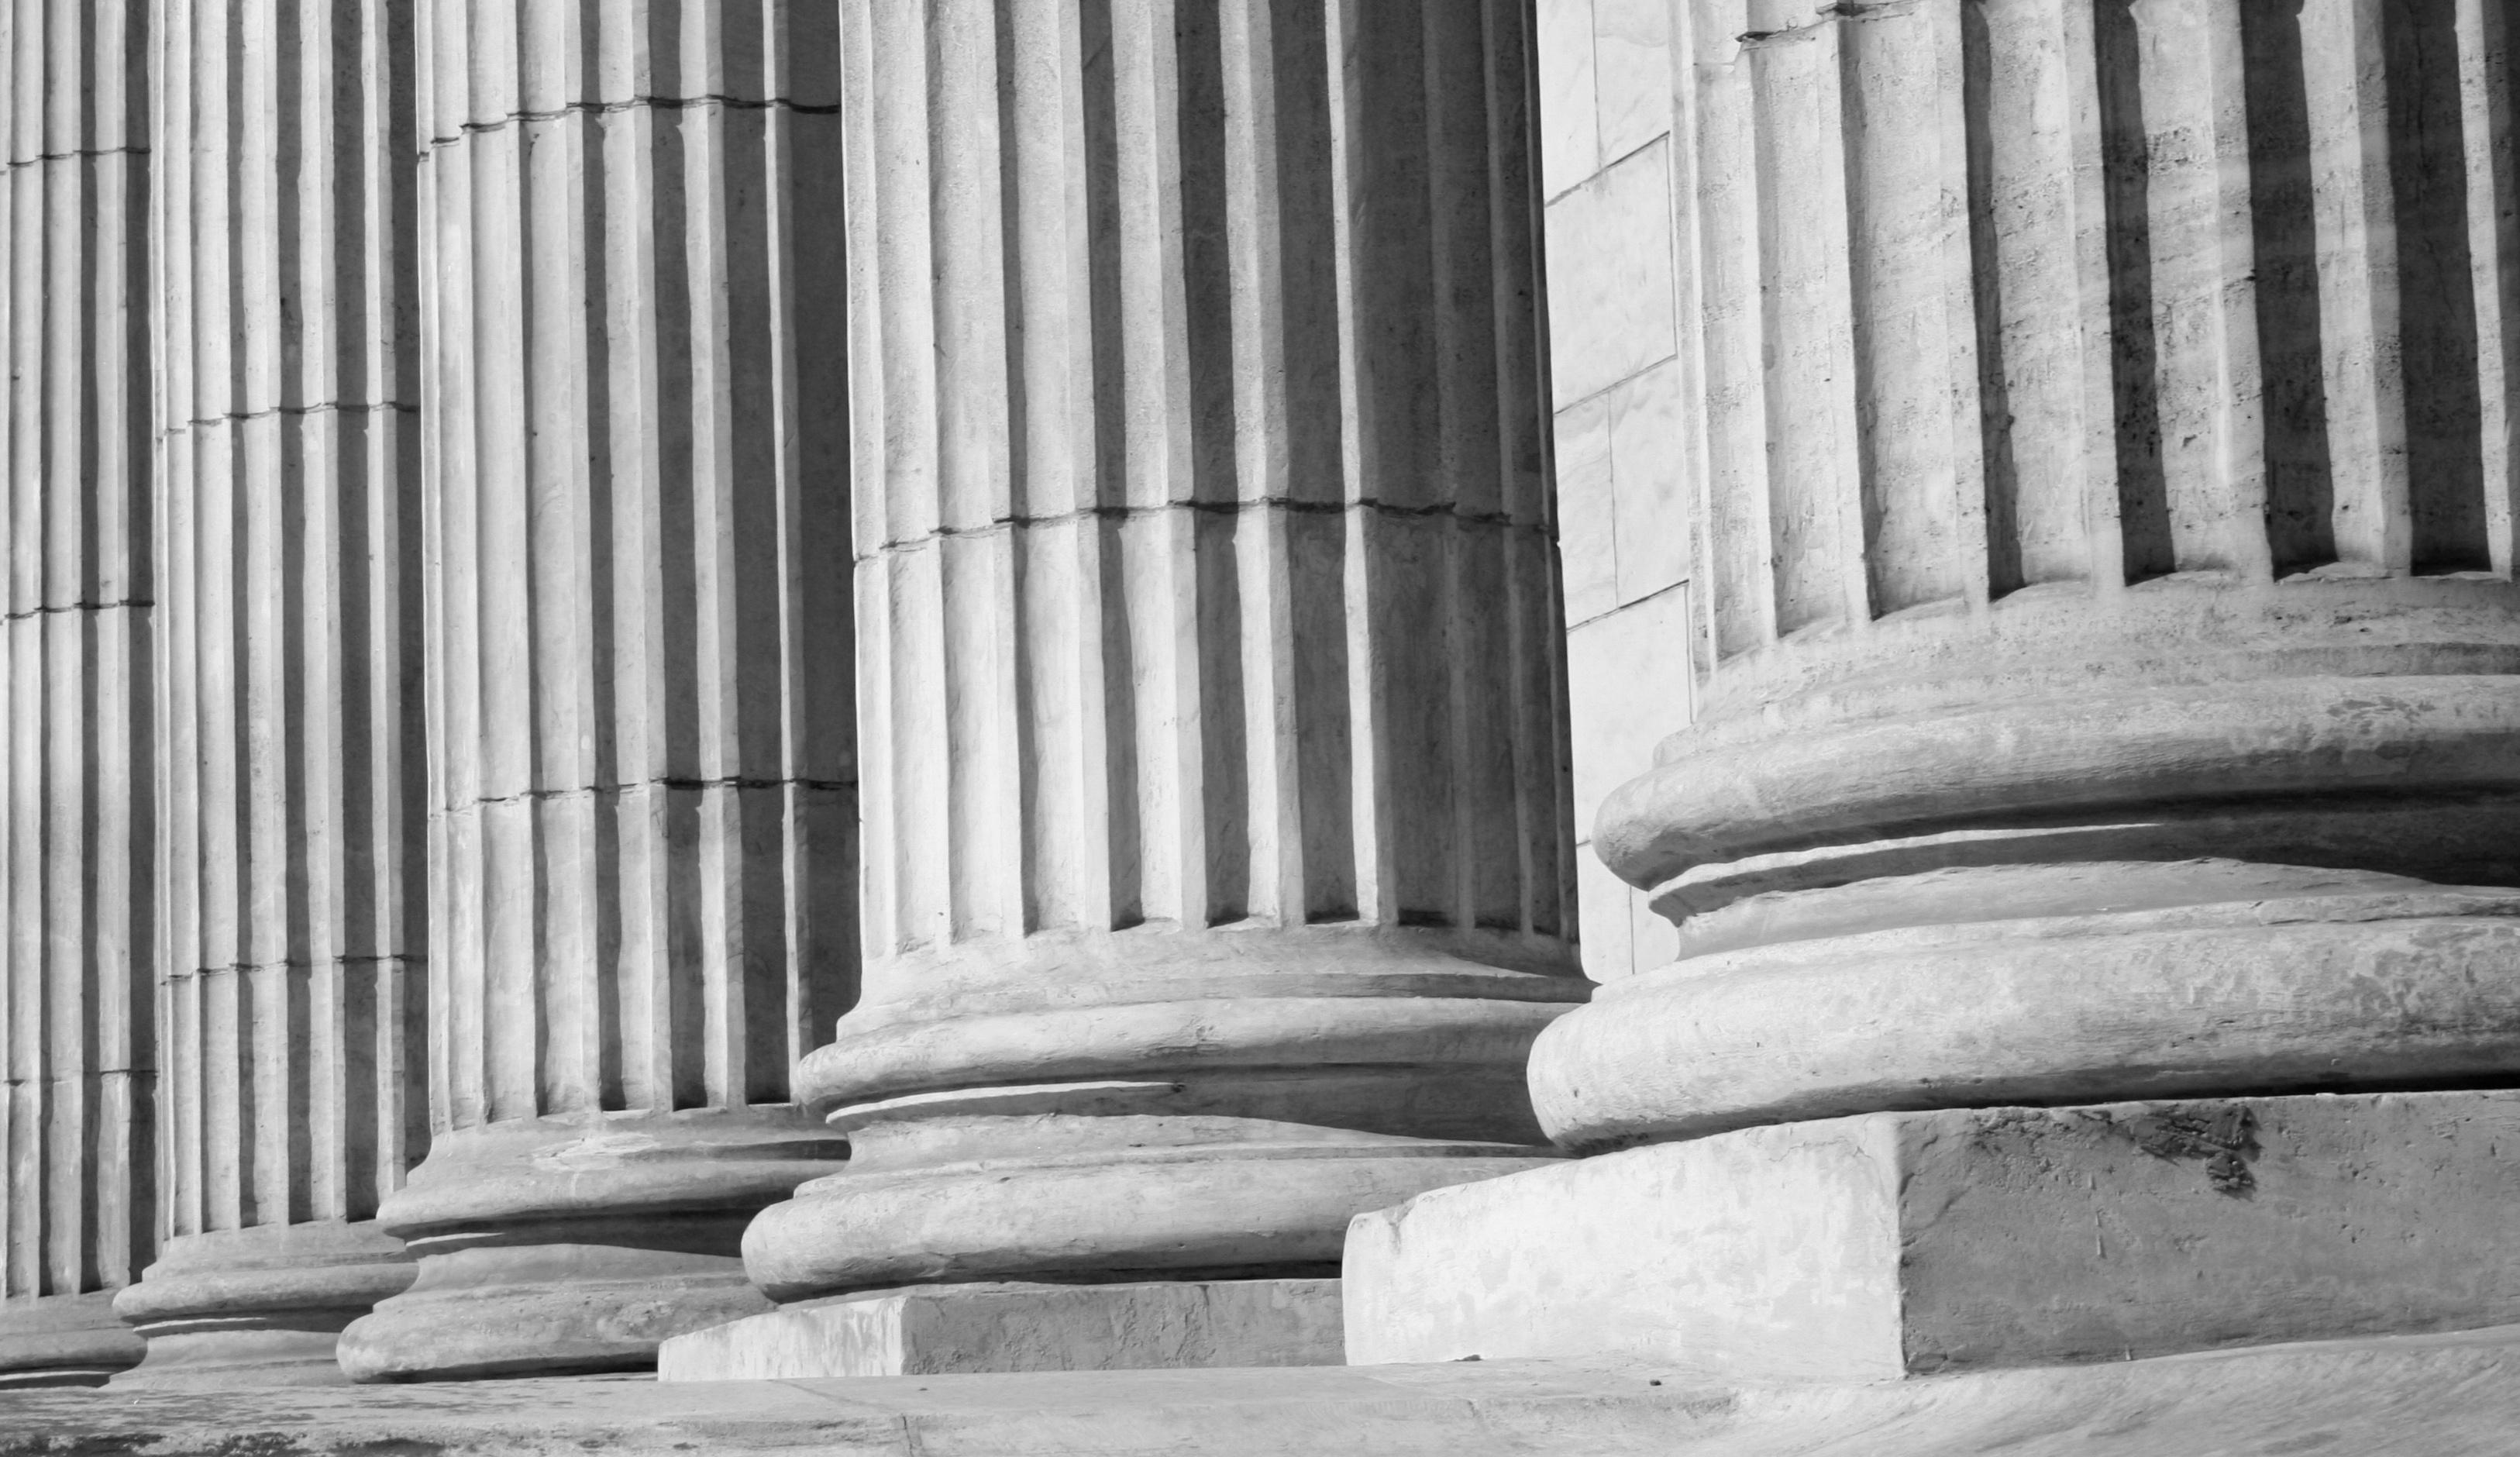 pillar close-up